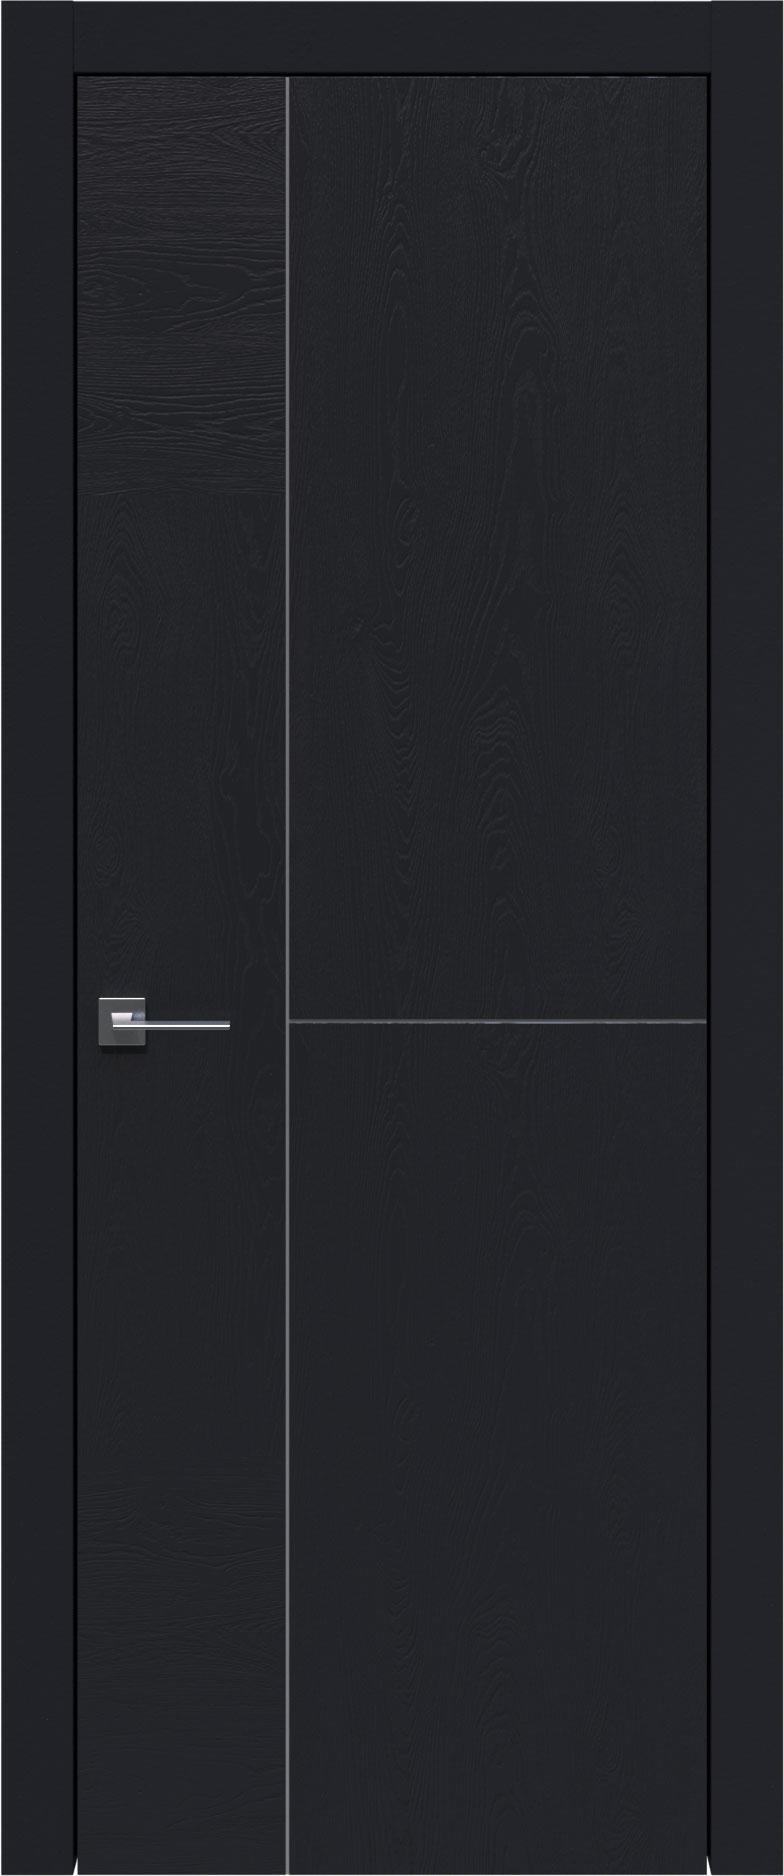 Tivoli Г-1 цвет - Черная эмаль по шпону (RAL 9004) Без стекла (ДГ)